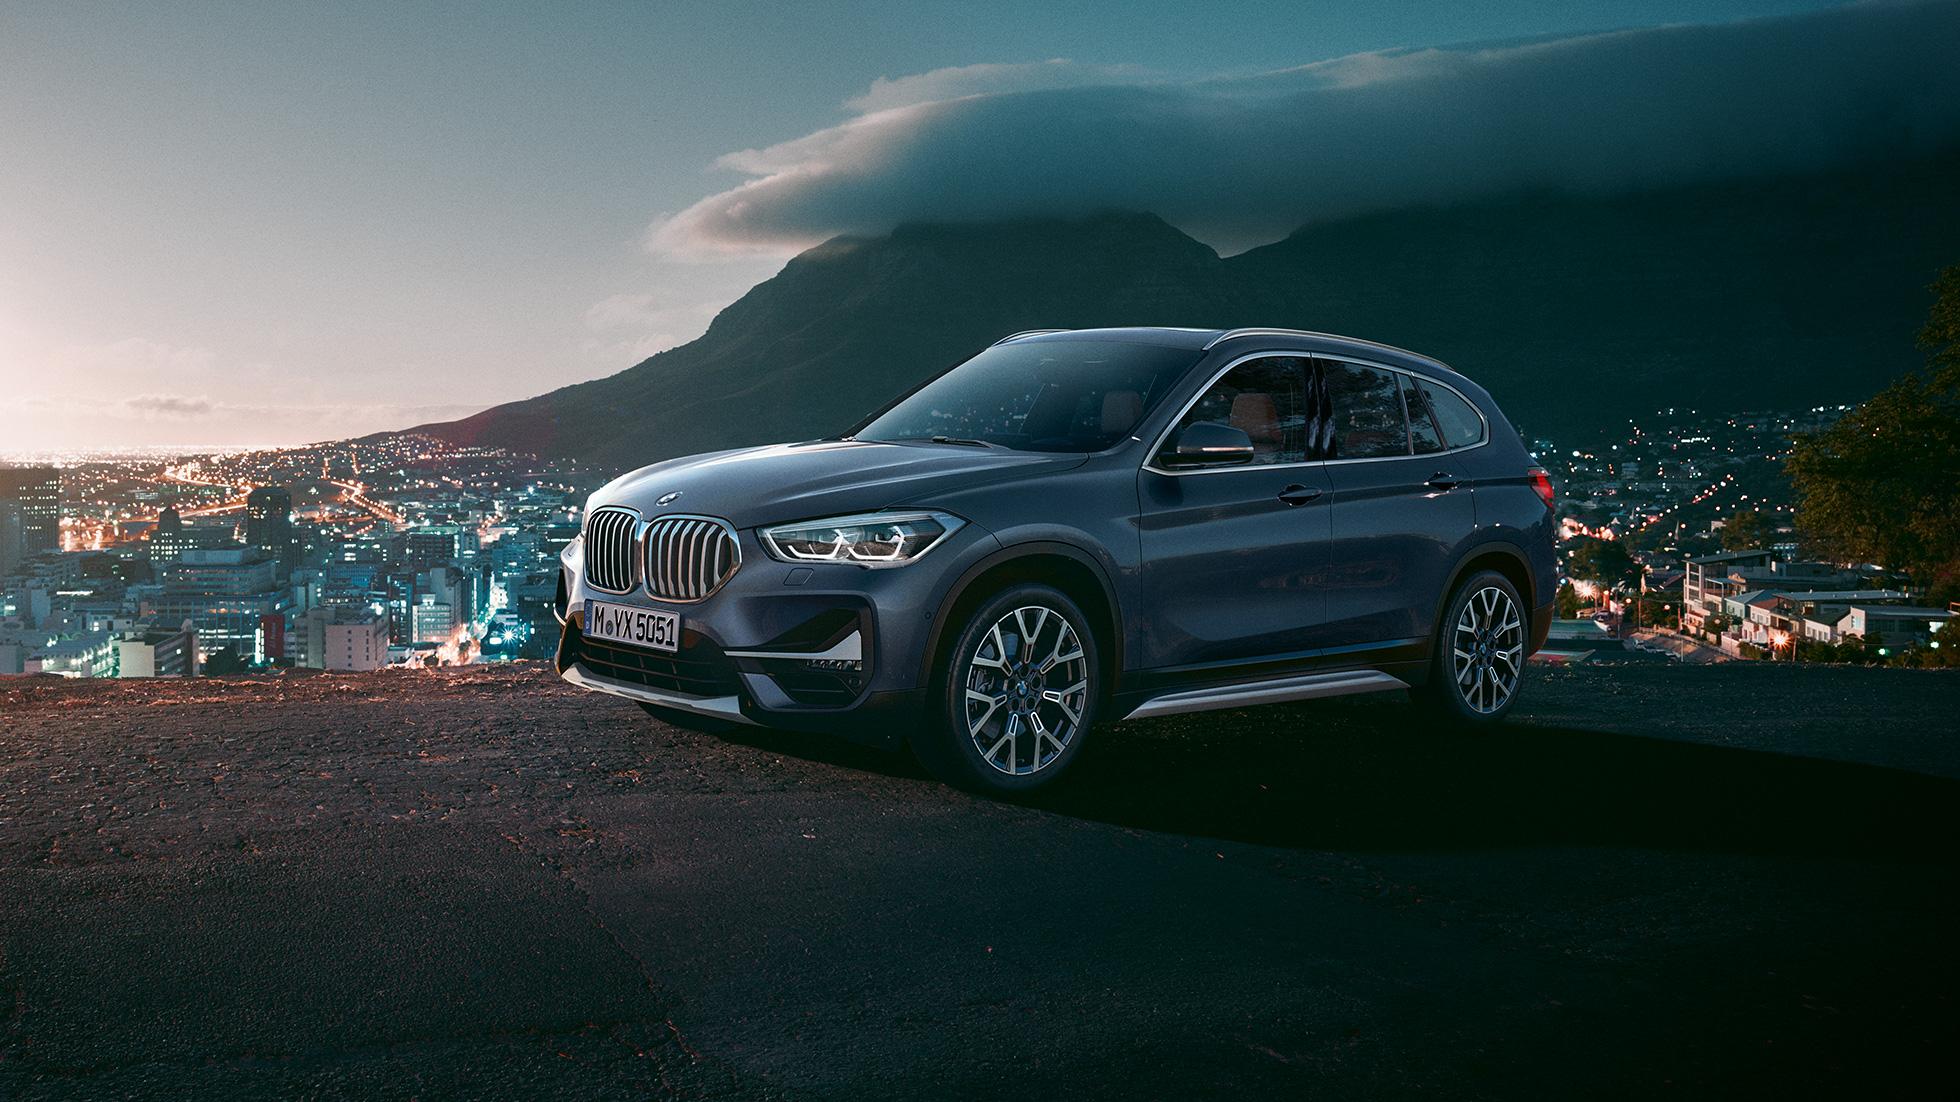 BMW X1, vue trois de quarts de profil dans un décor urbain.